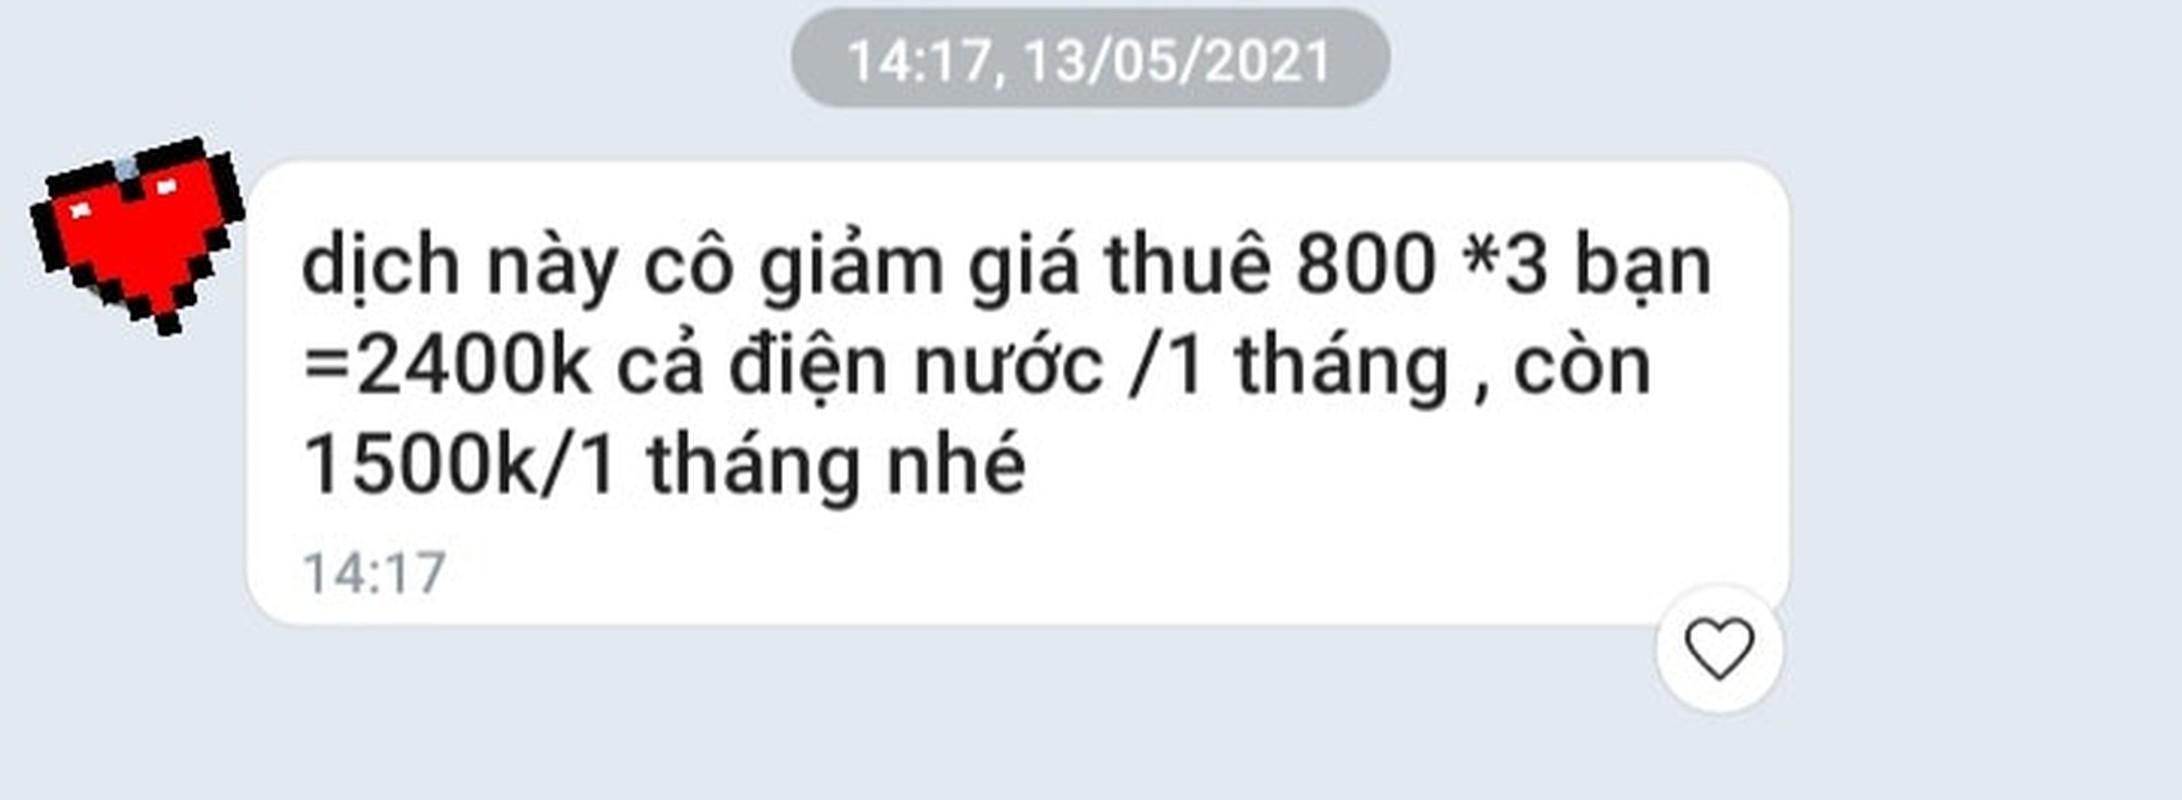 """Chu tro """"don tim"""" khi thong bao sieu co tam trong mua dich COVID-19-Hinh-4"""